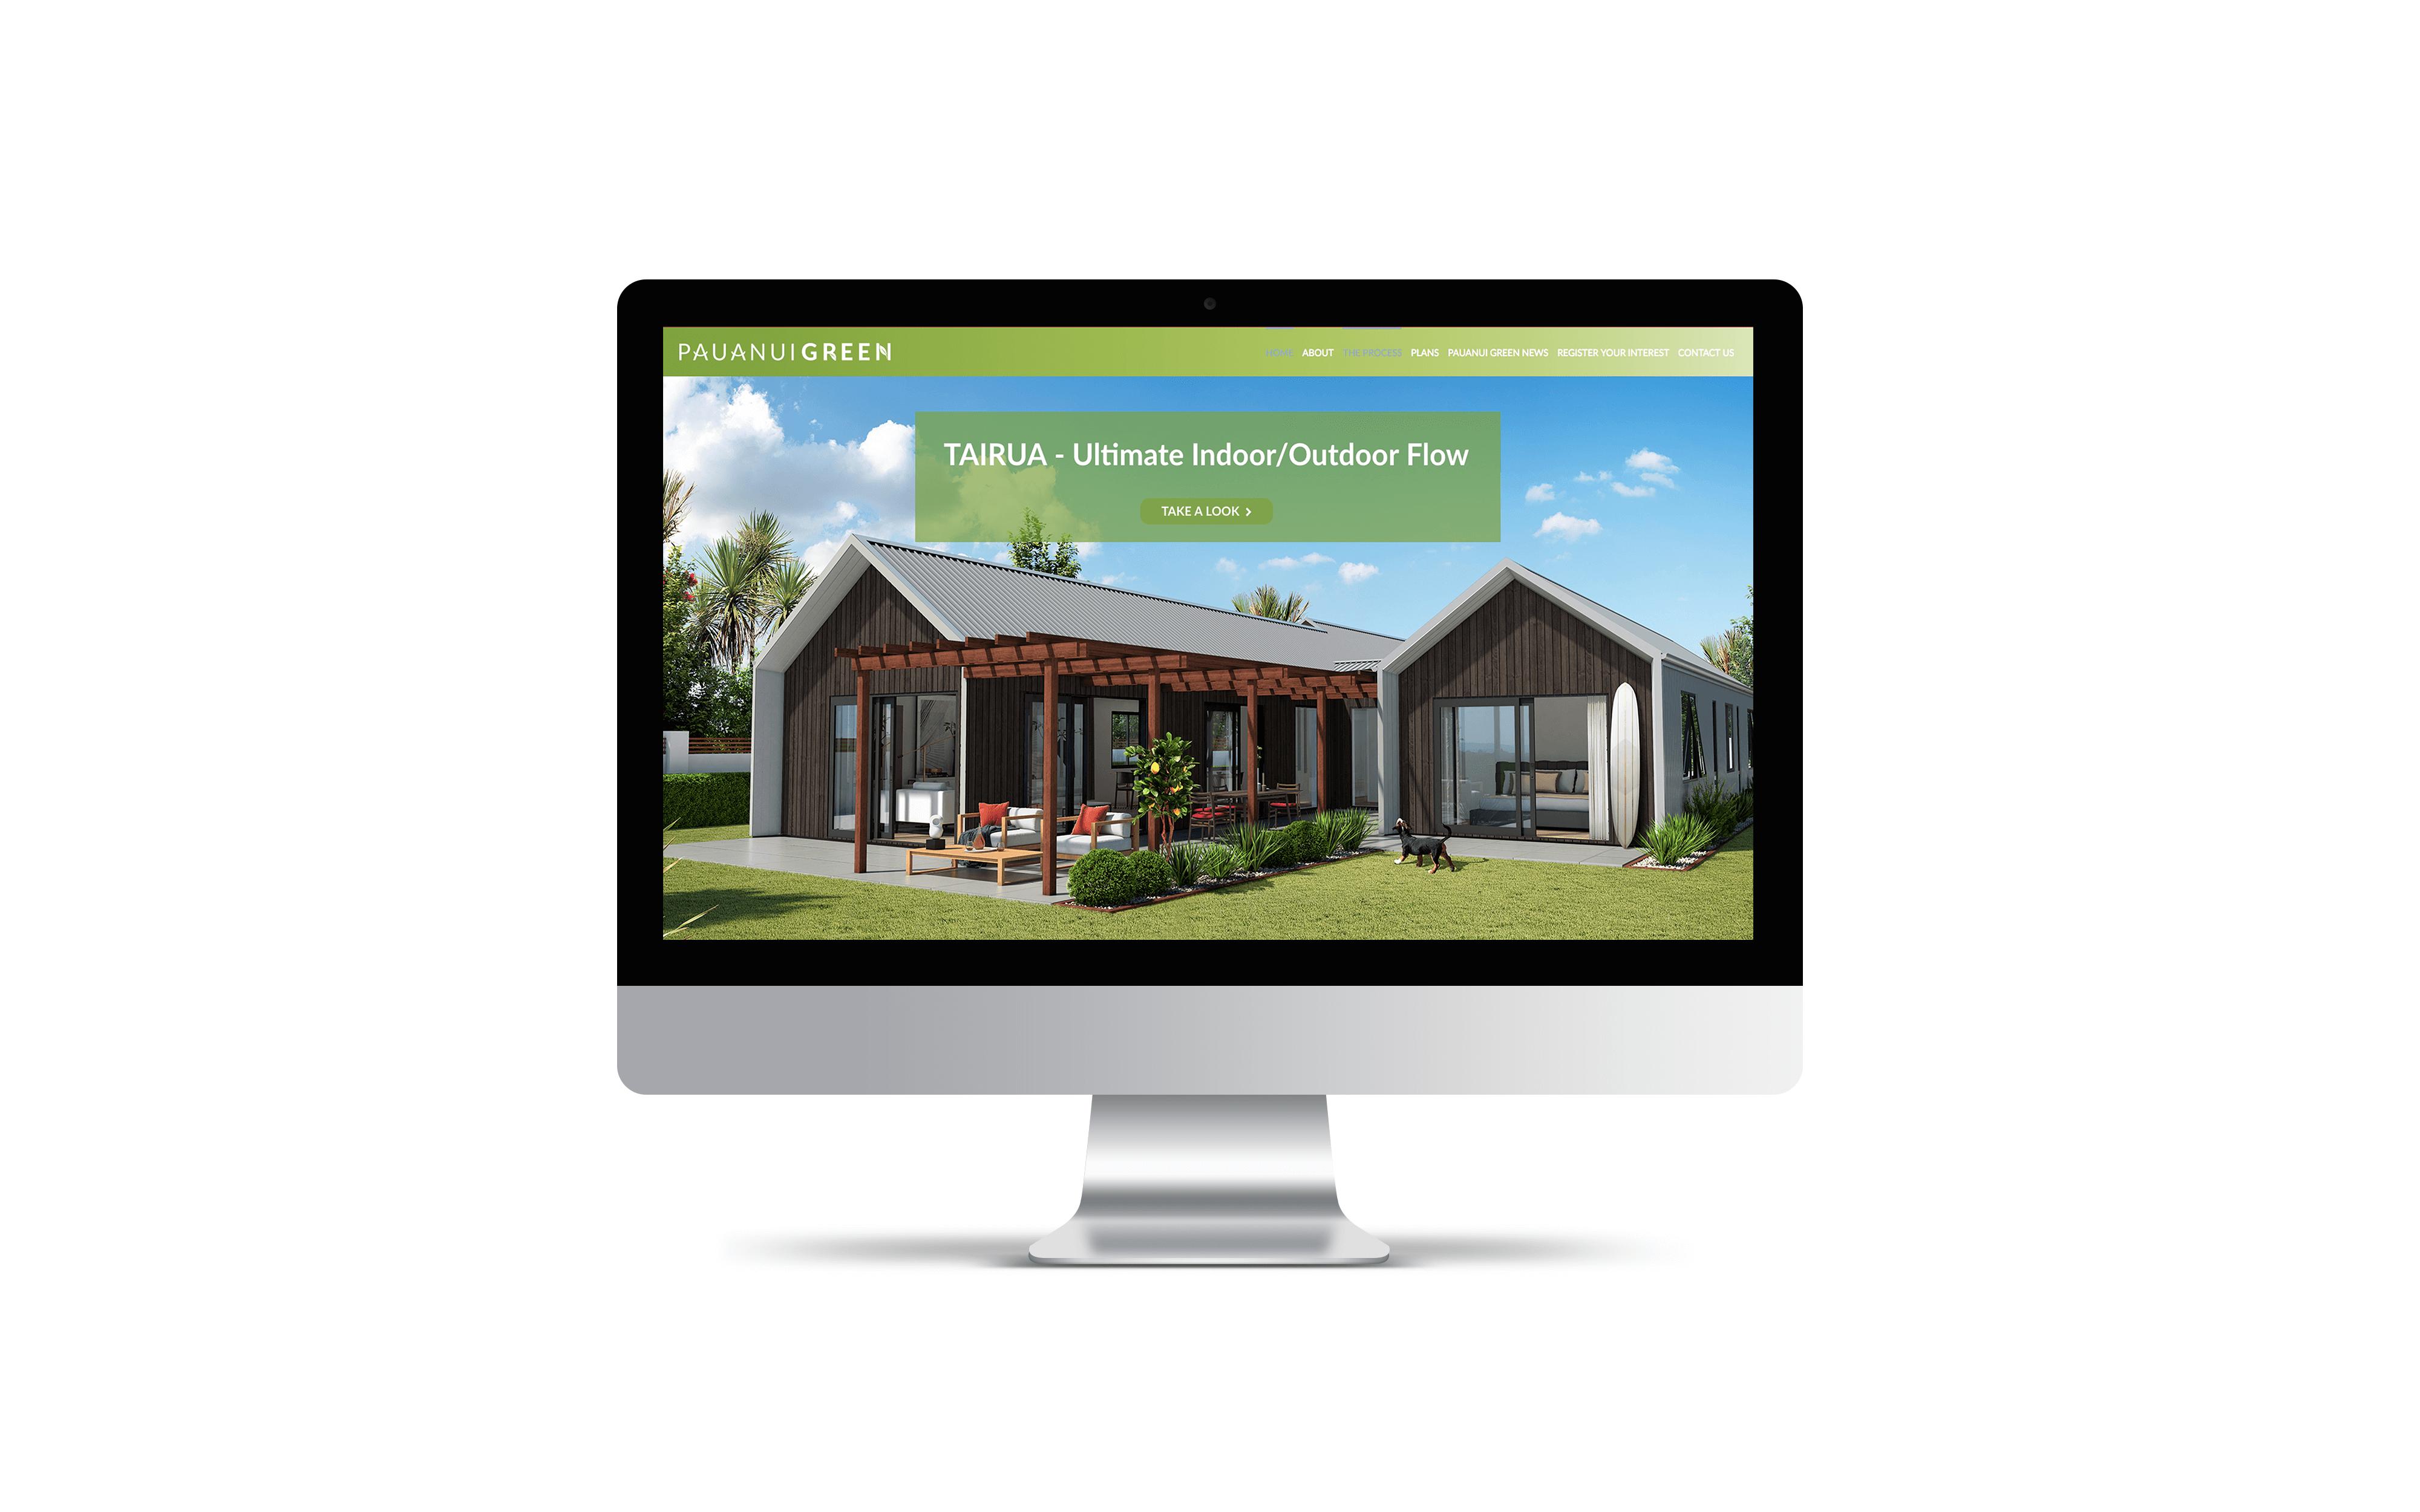 Website: Pauanui Green